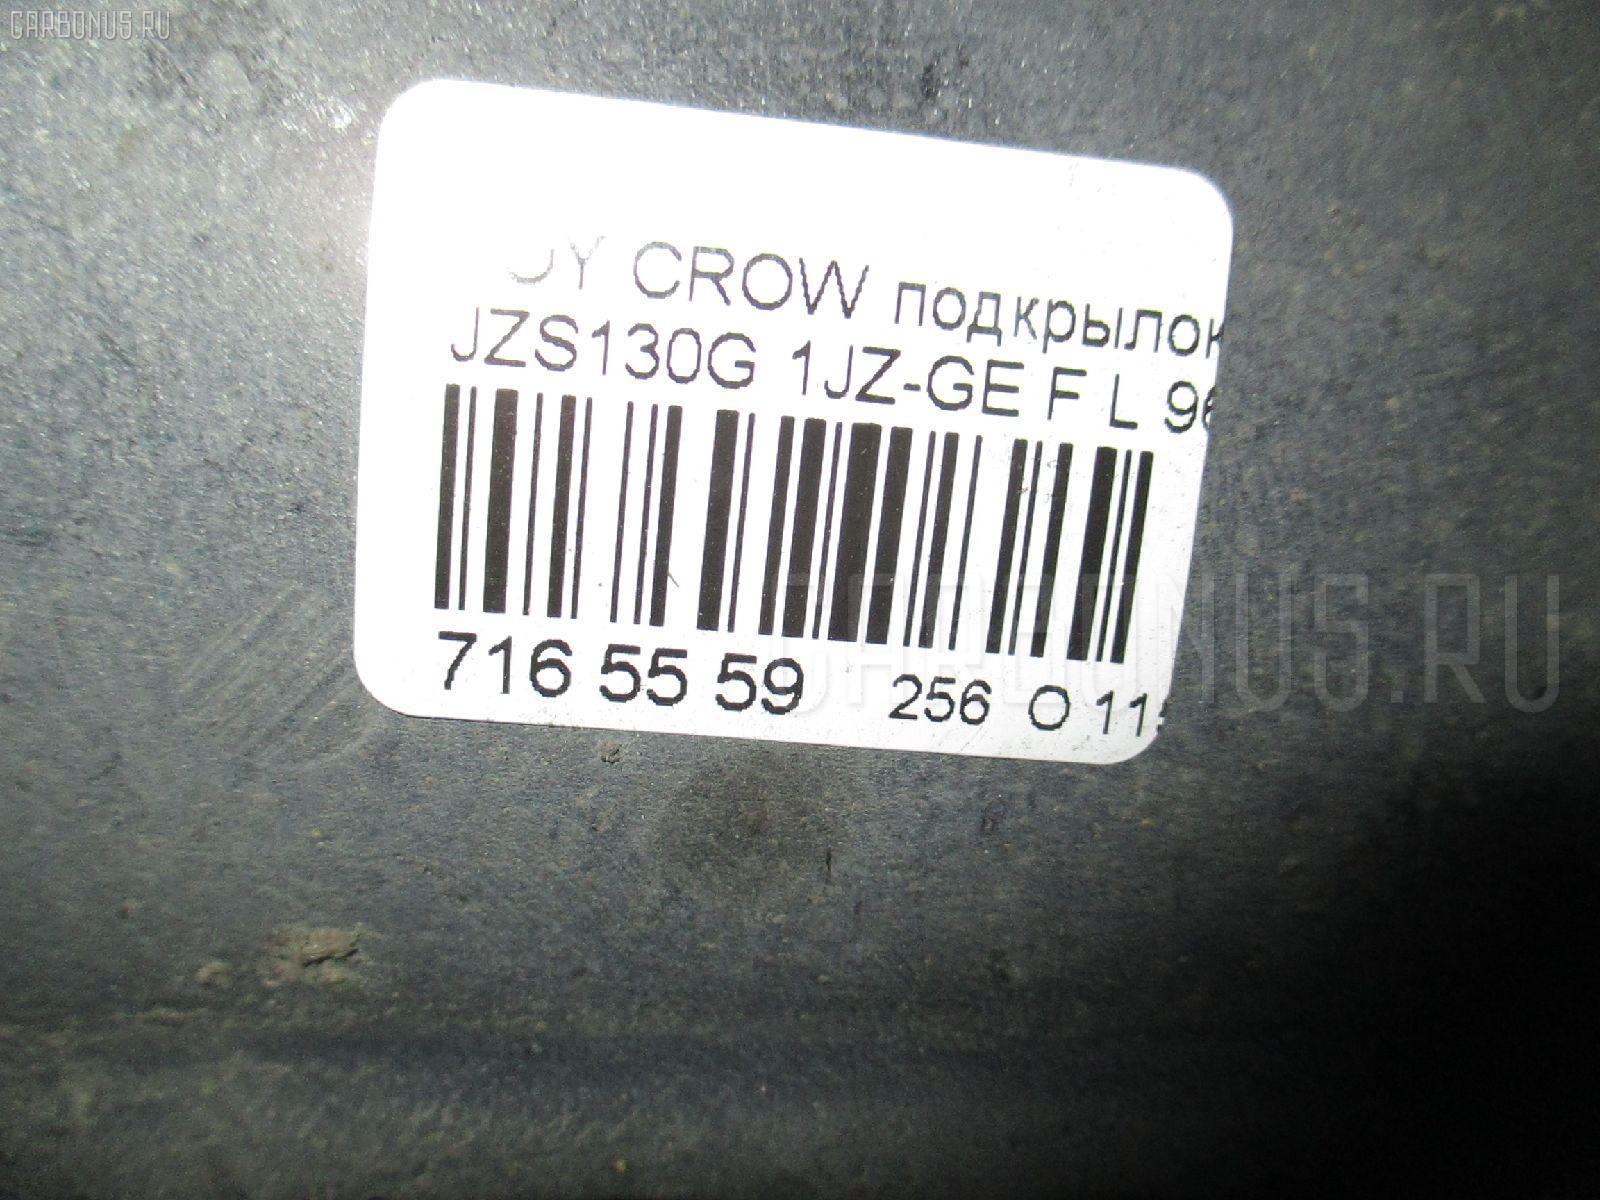 Подкрылок TOYOTA CROWN WAGON JZS130G 1JZ-GE Фото 6